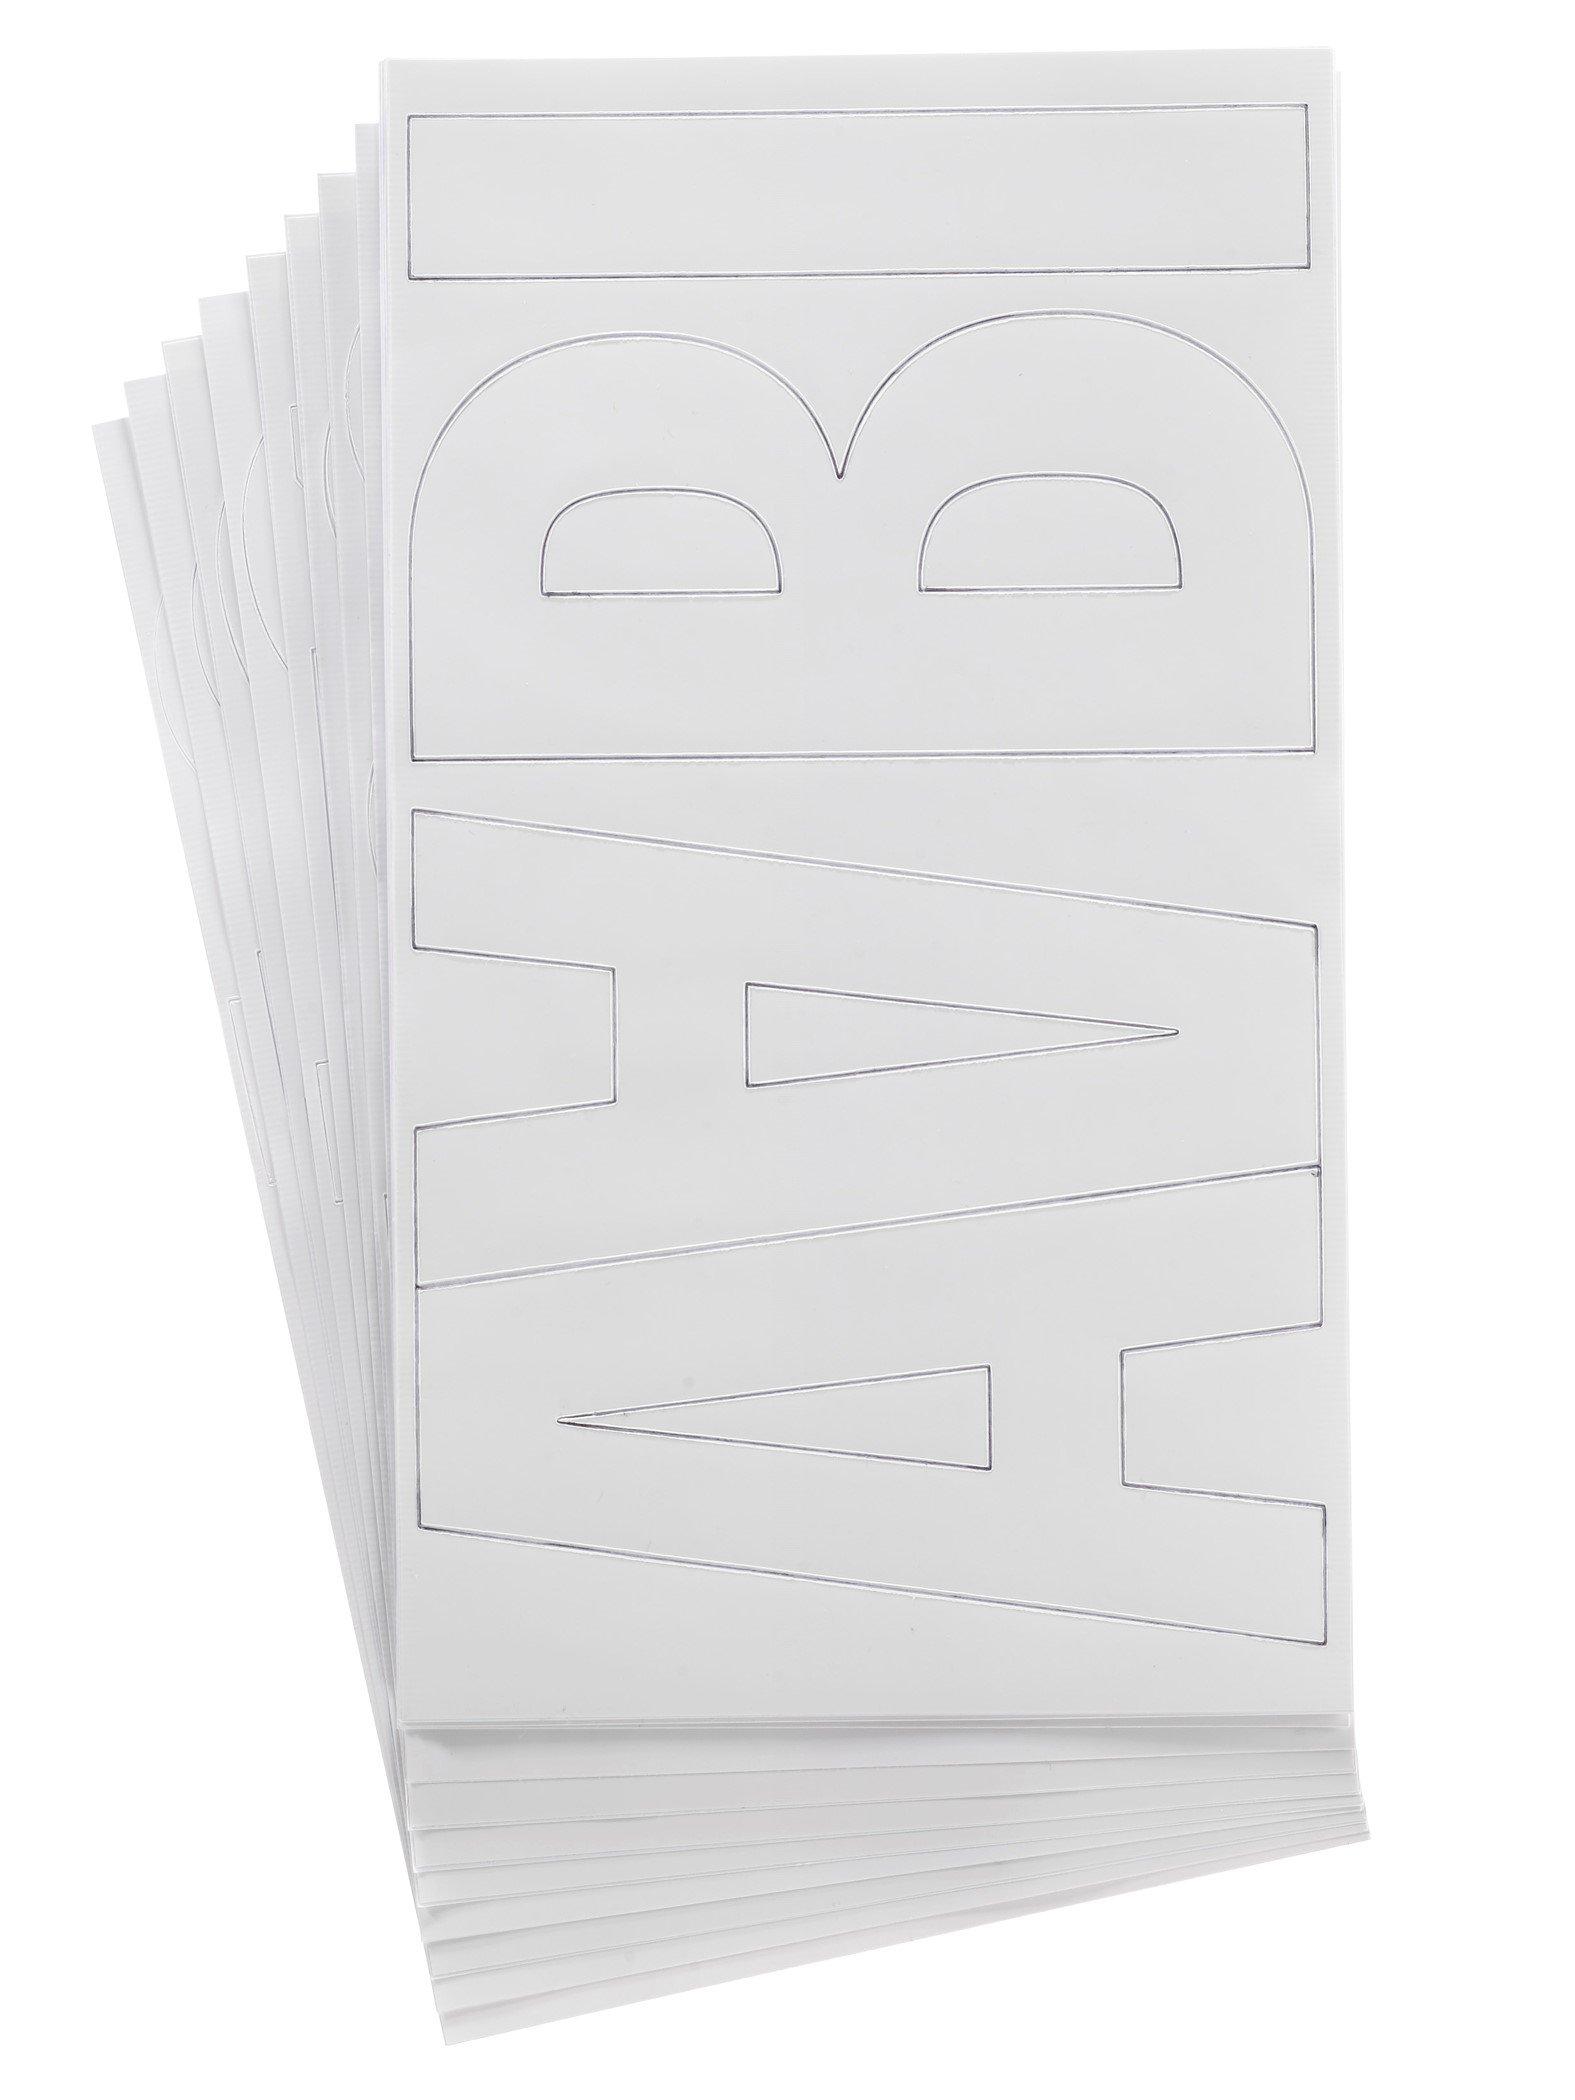 Westcott LetterCraft Permanent Vinyl Lettering Franklin Gothic 6-Inch, White (15865) by Westcott